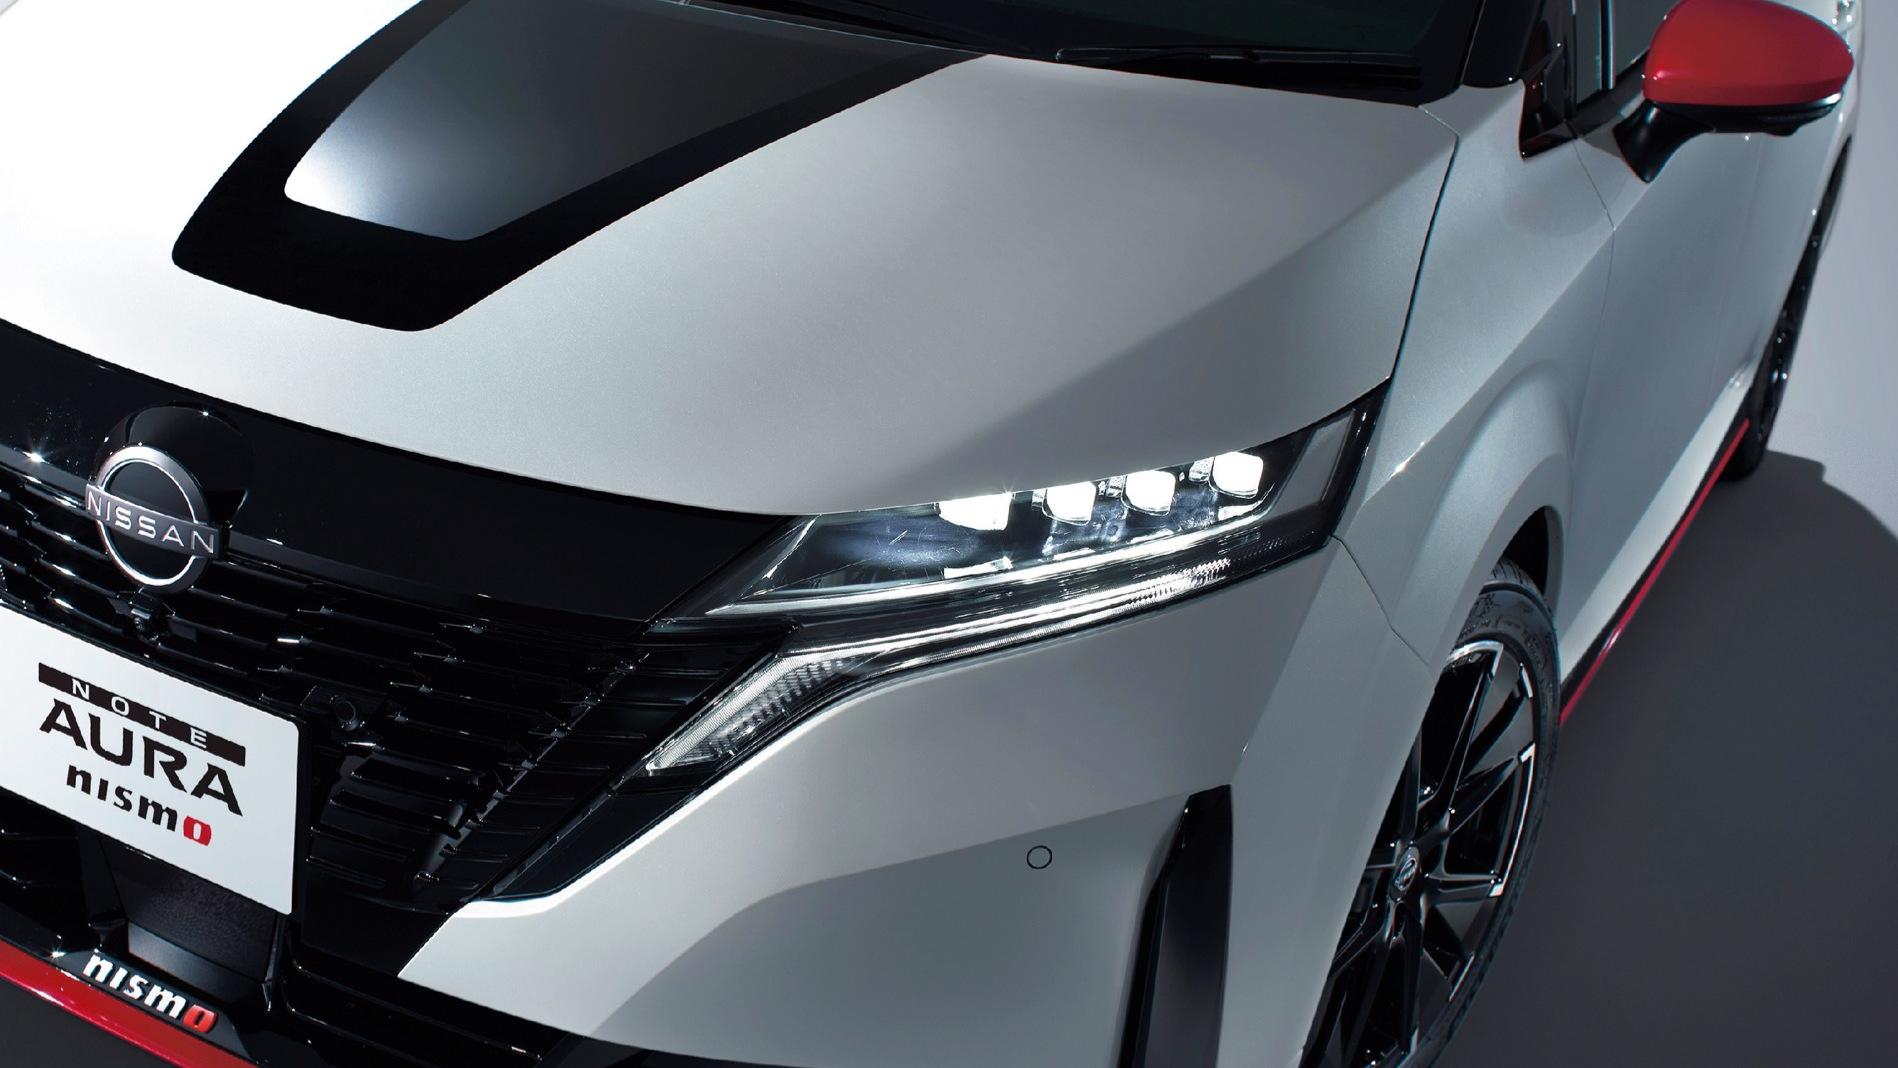 Nissan Aura Note Nismo